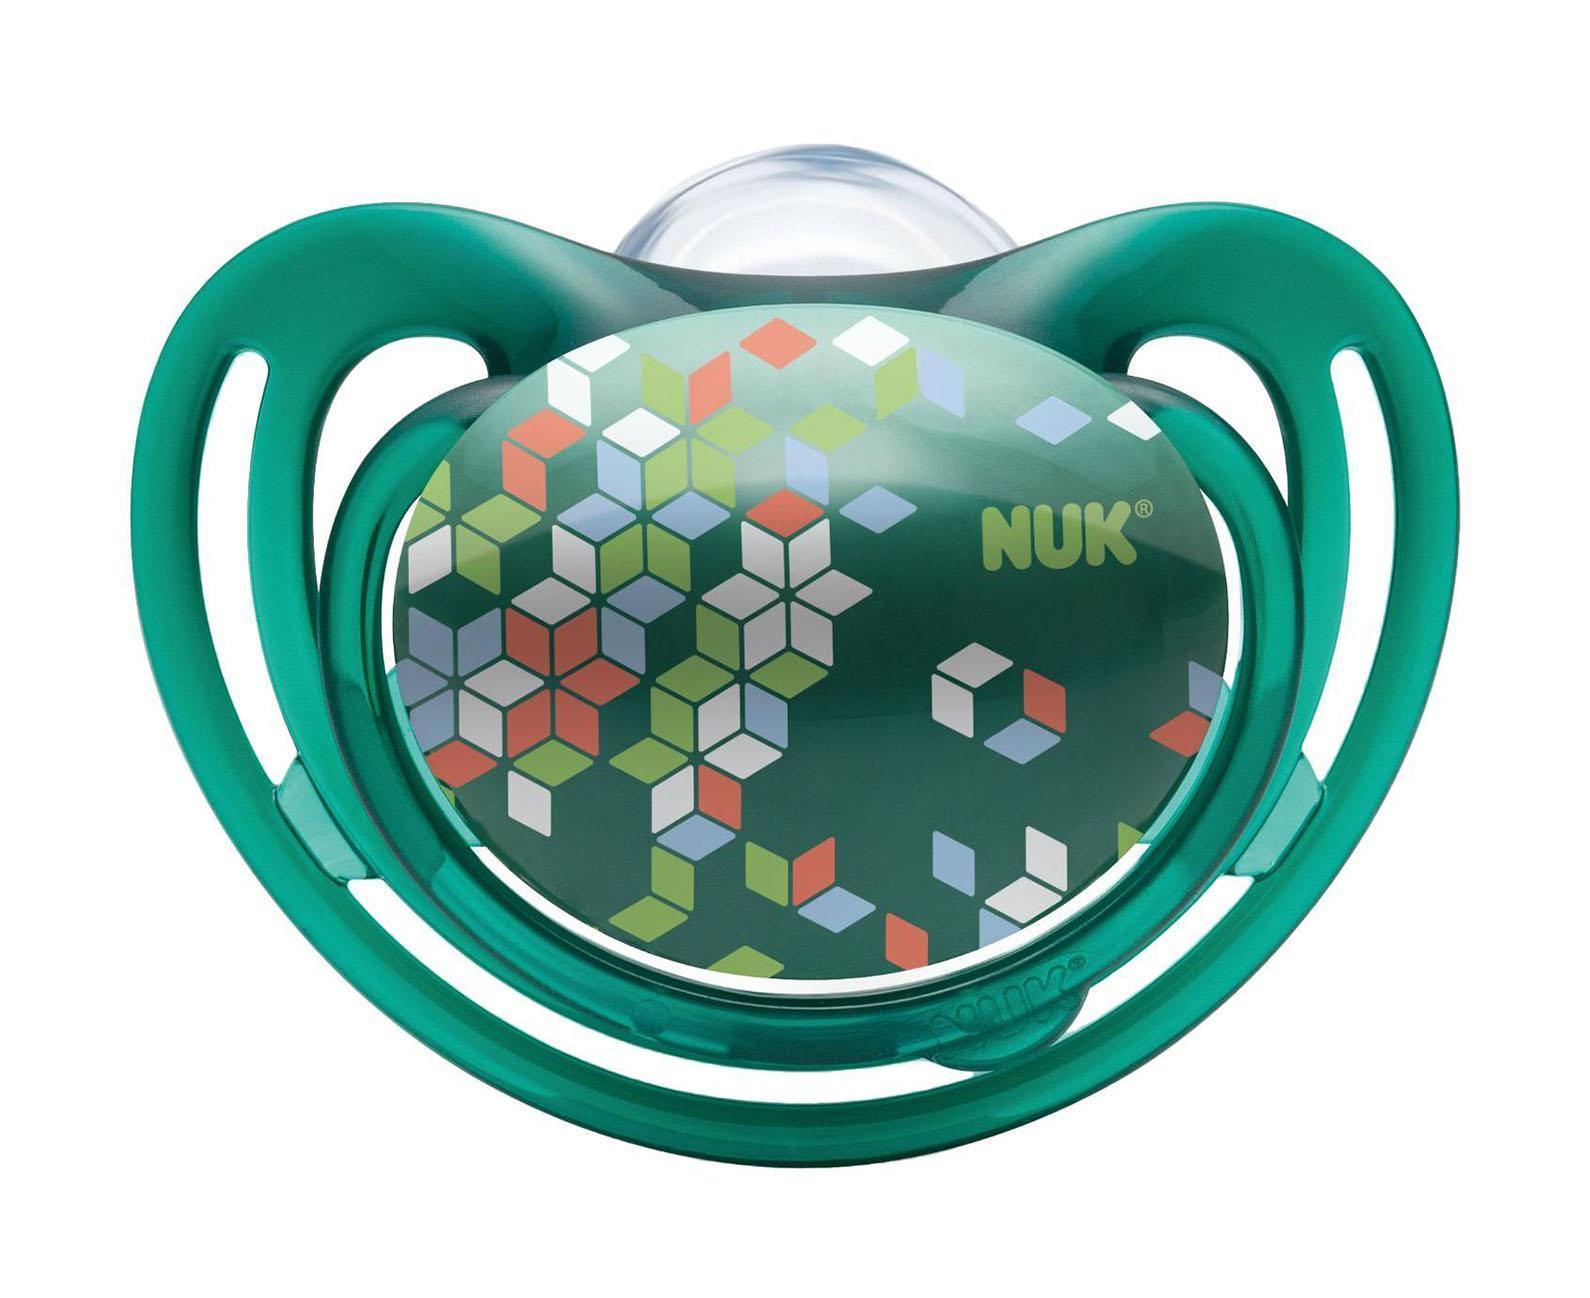 Пустышка силиконовая для сна NUK Freestyle, от 18 до 36 месяцев, ортодонтическая, цвет: зеленый, 2 шт10739162_зелКак и все соски Nuk , они имеют клапанную систему Nuk AIR SYSTEM - воздух выходит через специальное отверстие, благодаря чему пустышка остается мягкой и сохраняет свою форму, что предотвращает деформацию полости рта ребенка.